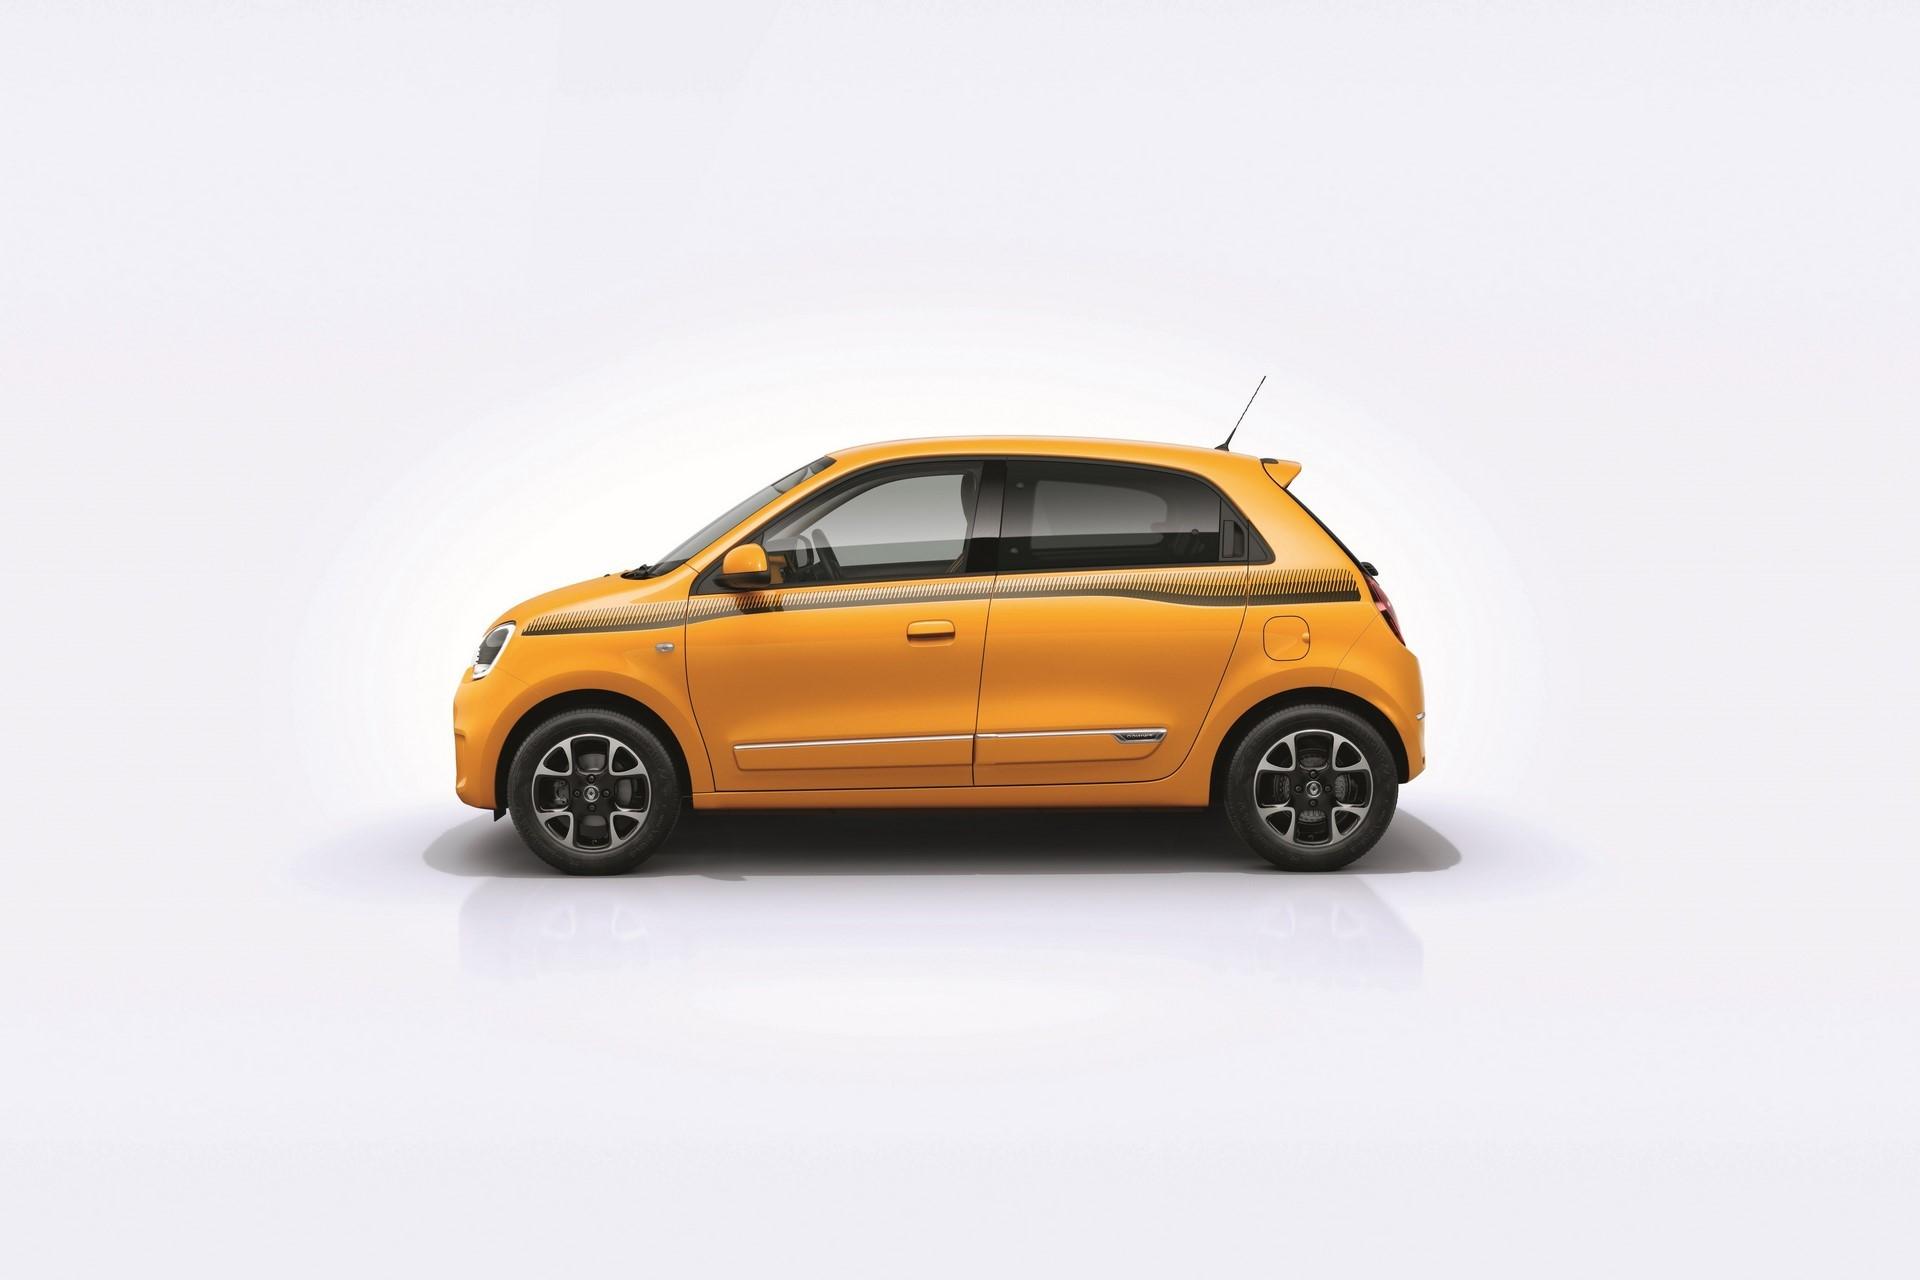 2019 - Nouvelle Renault TWINGO